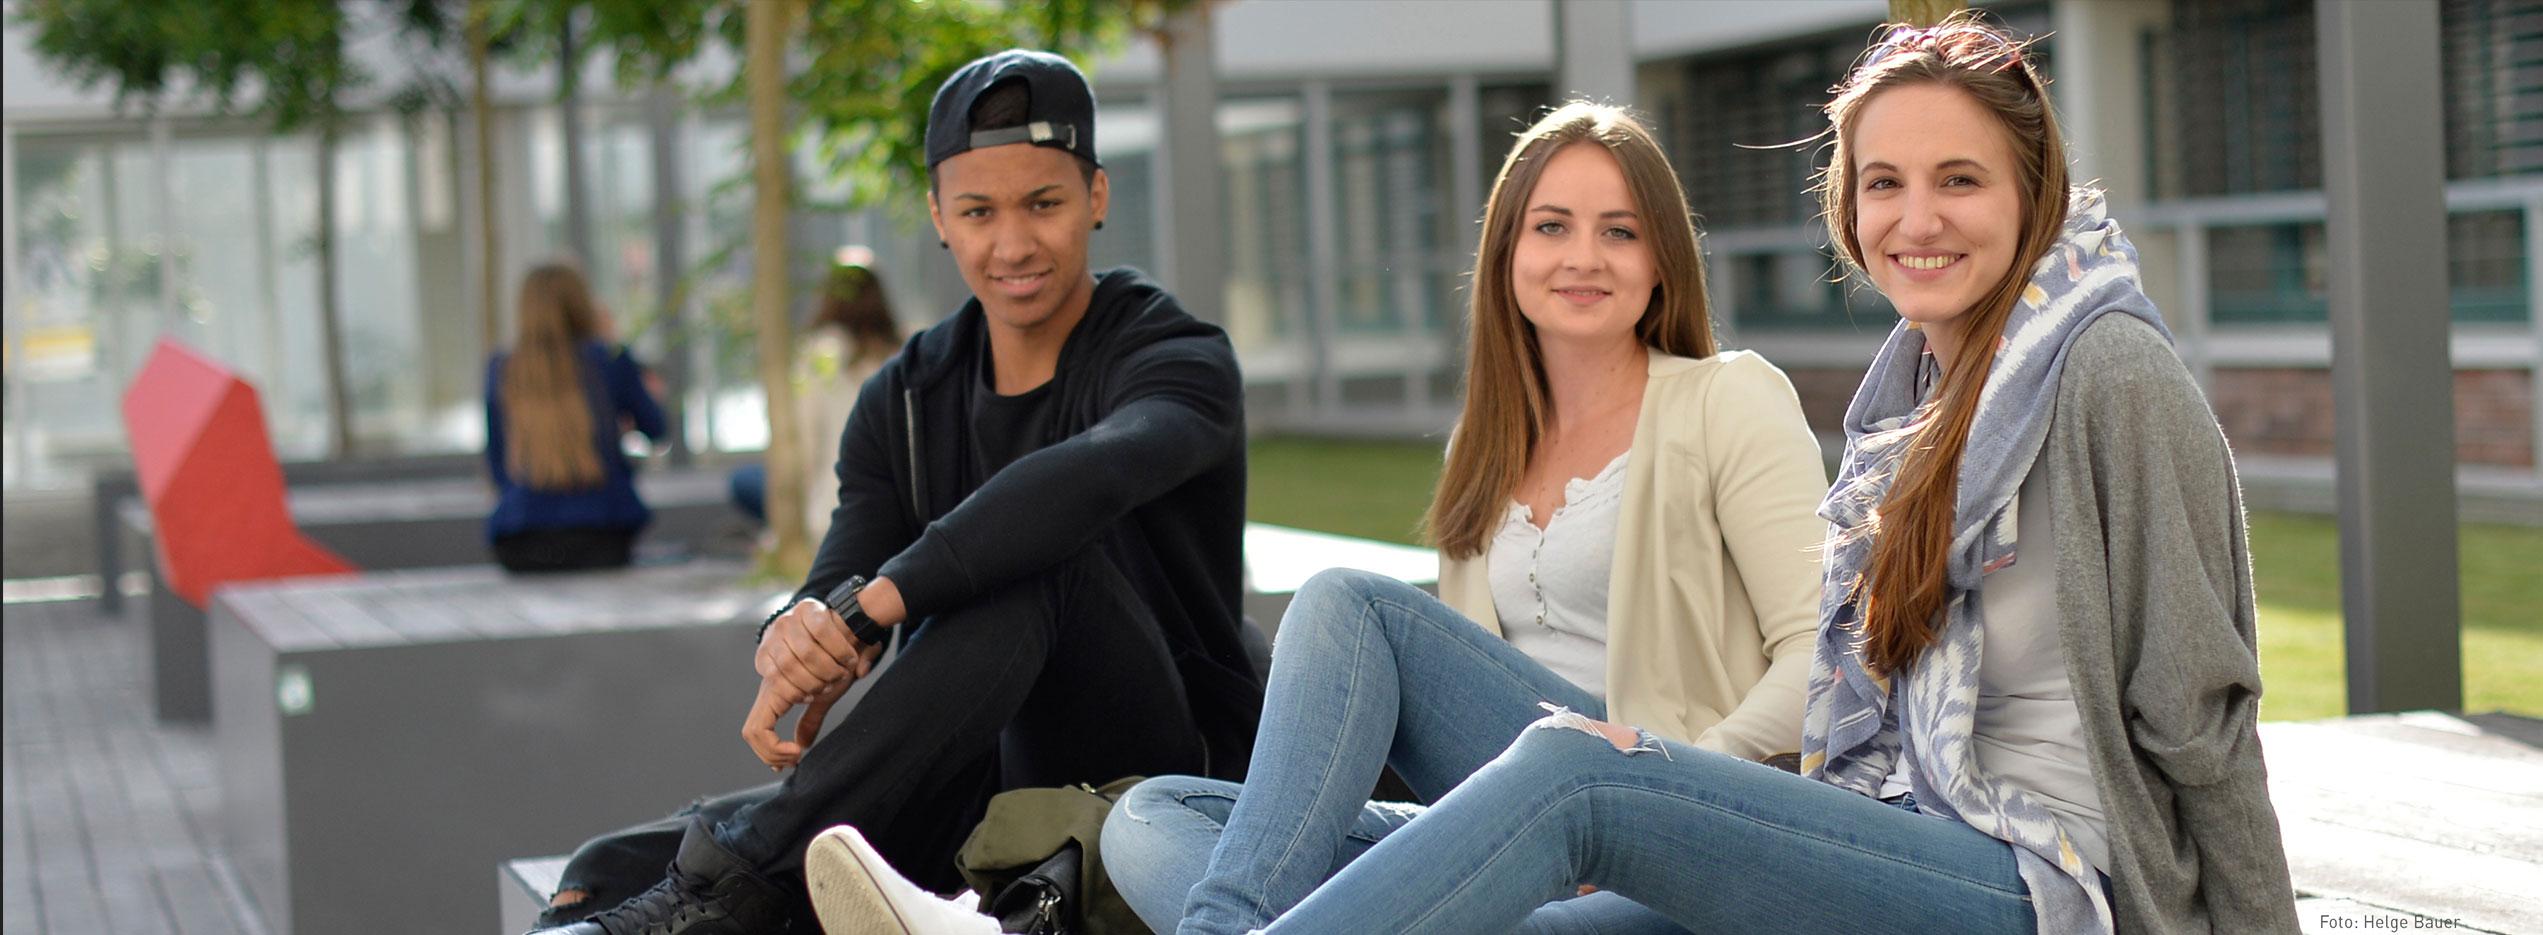 SchülerInnen am Campus | Foto: aau/Helge Bauer